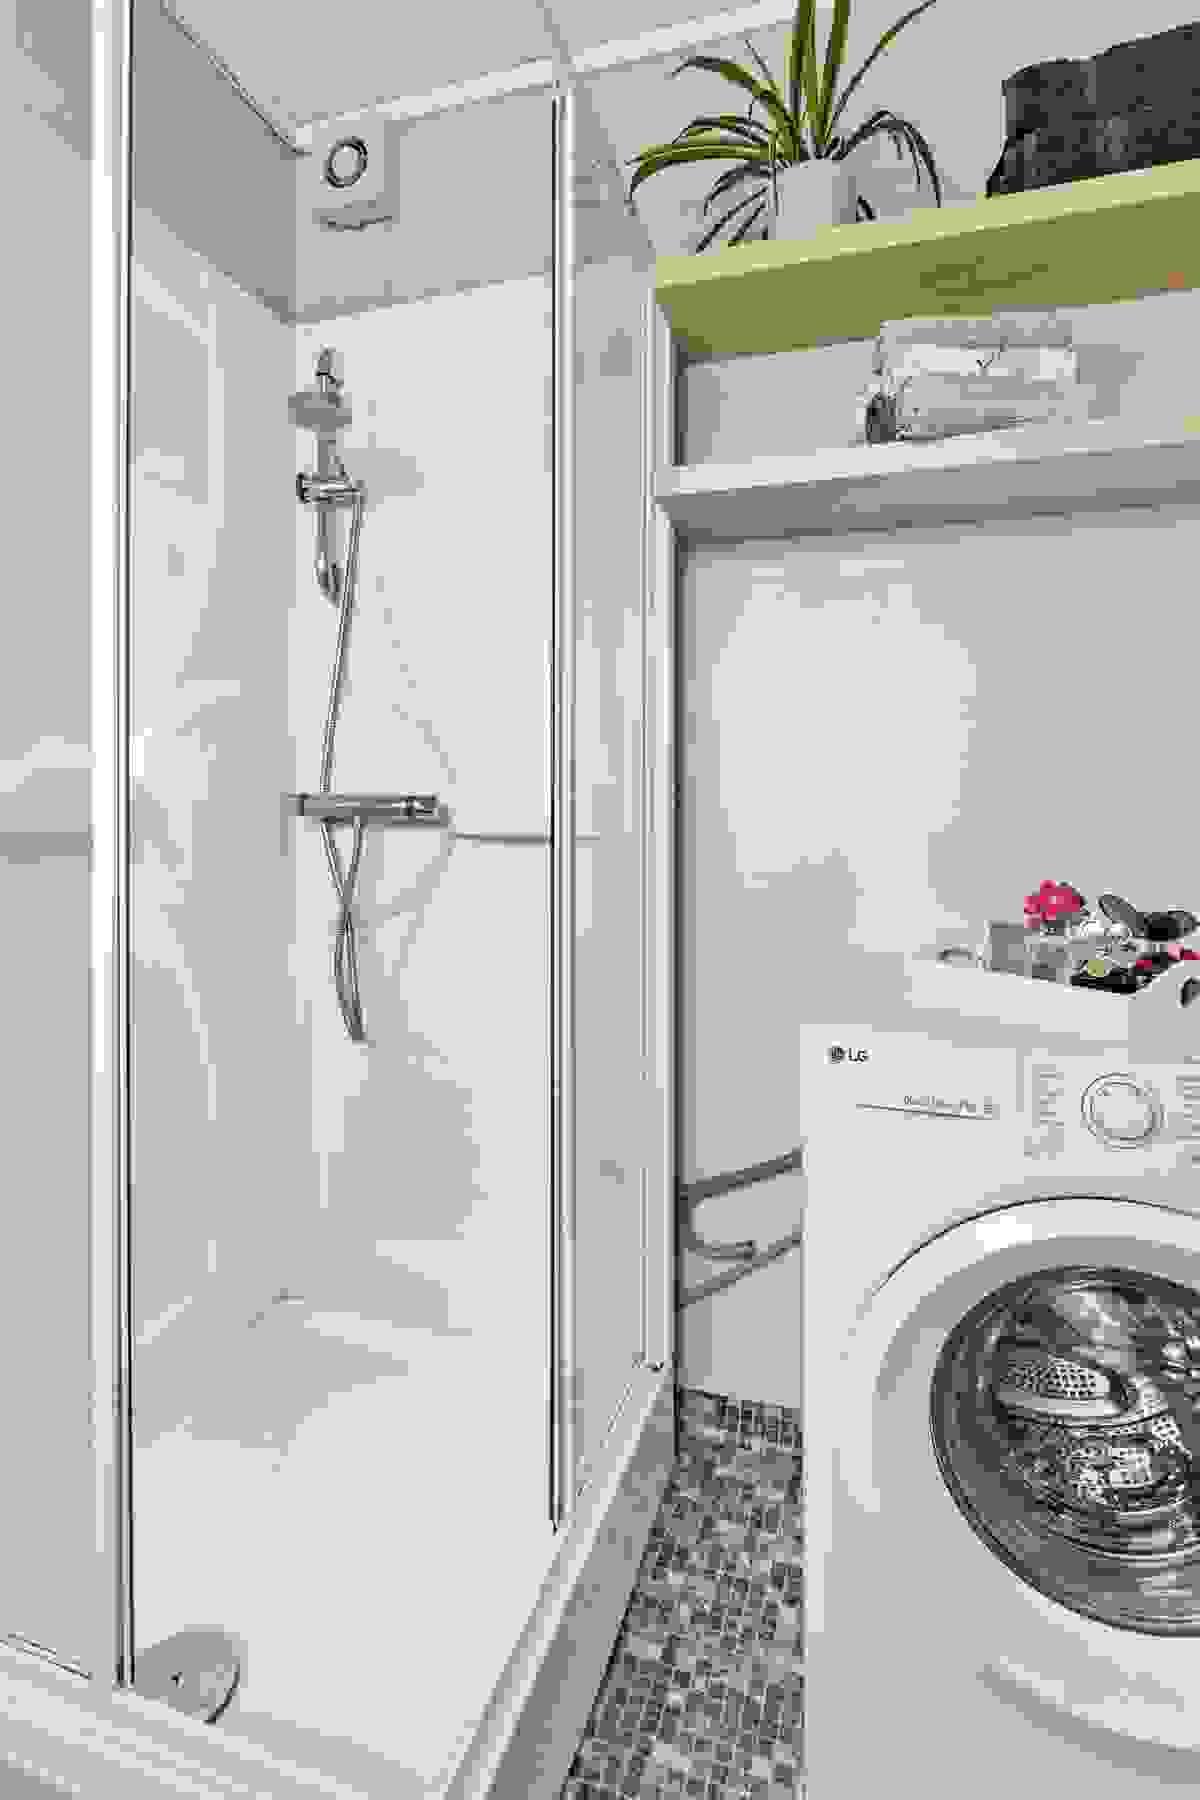 Badet er i dag innredet med servant i innredning, dusjkabinett, wc og plass til vaskemaskin